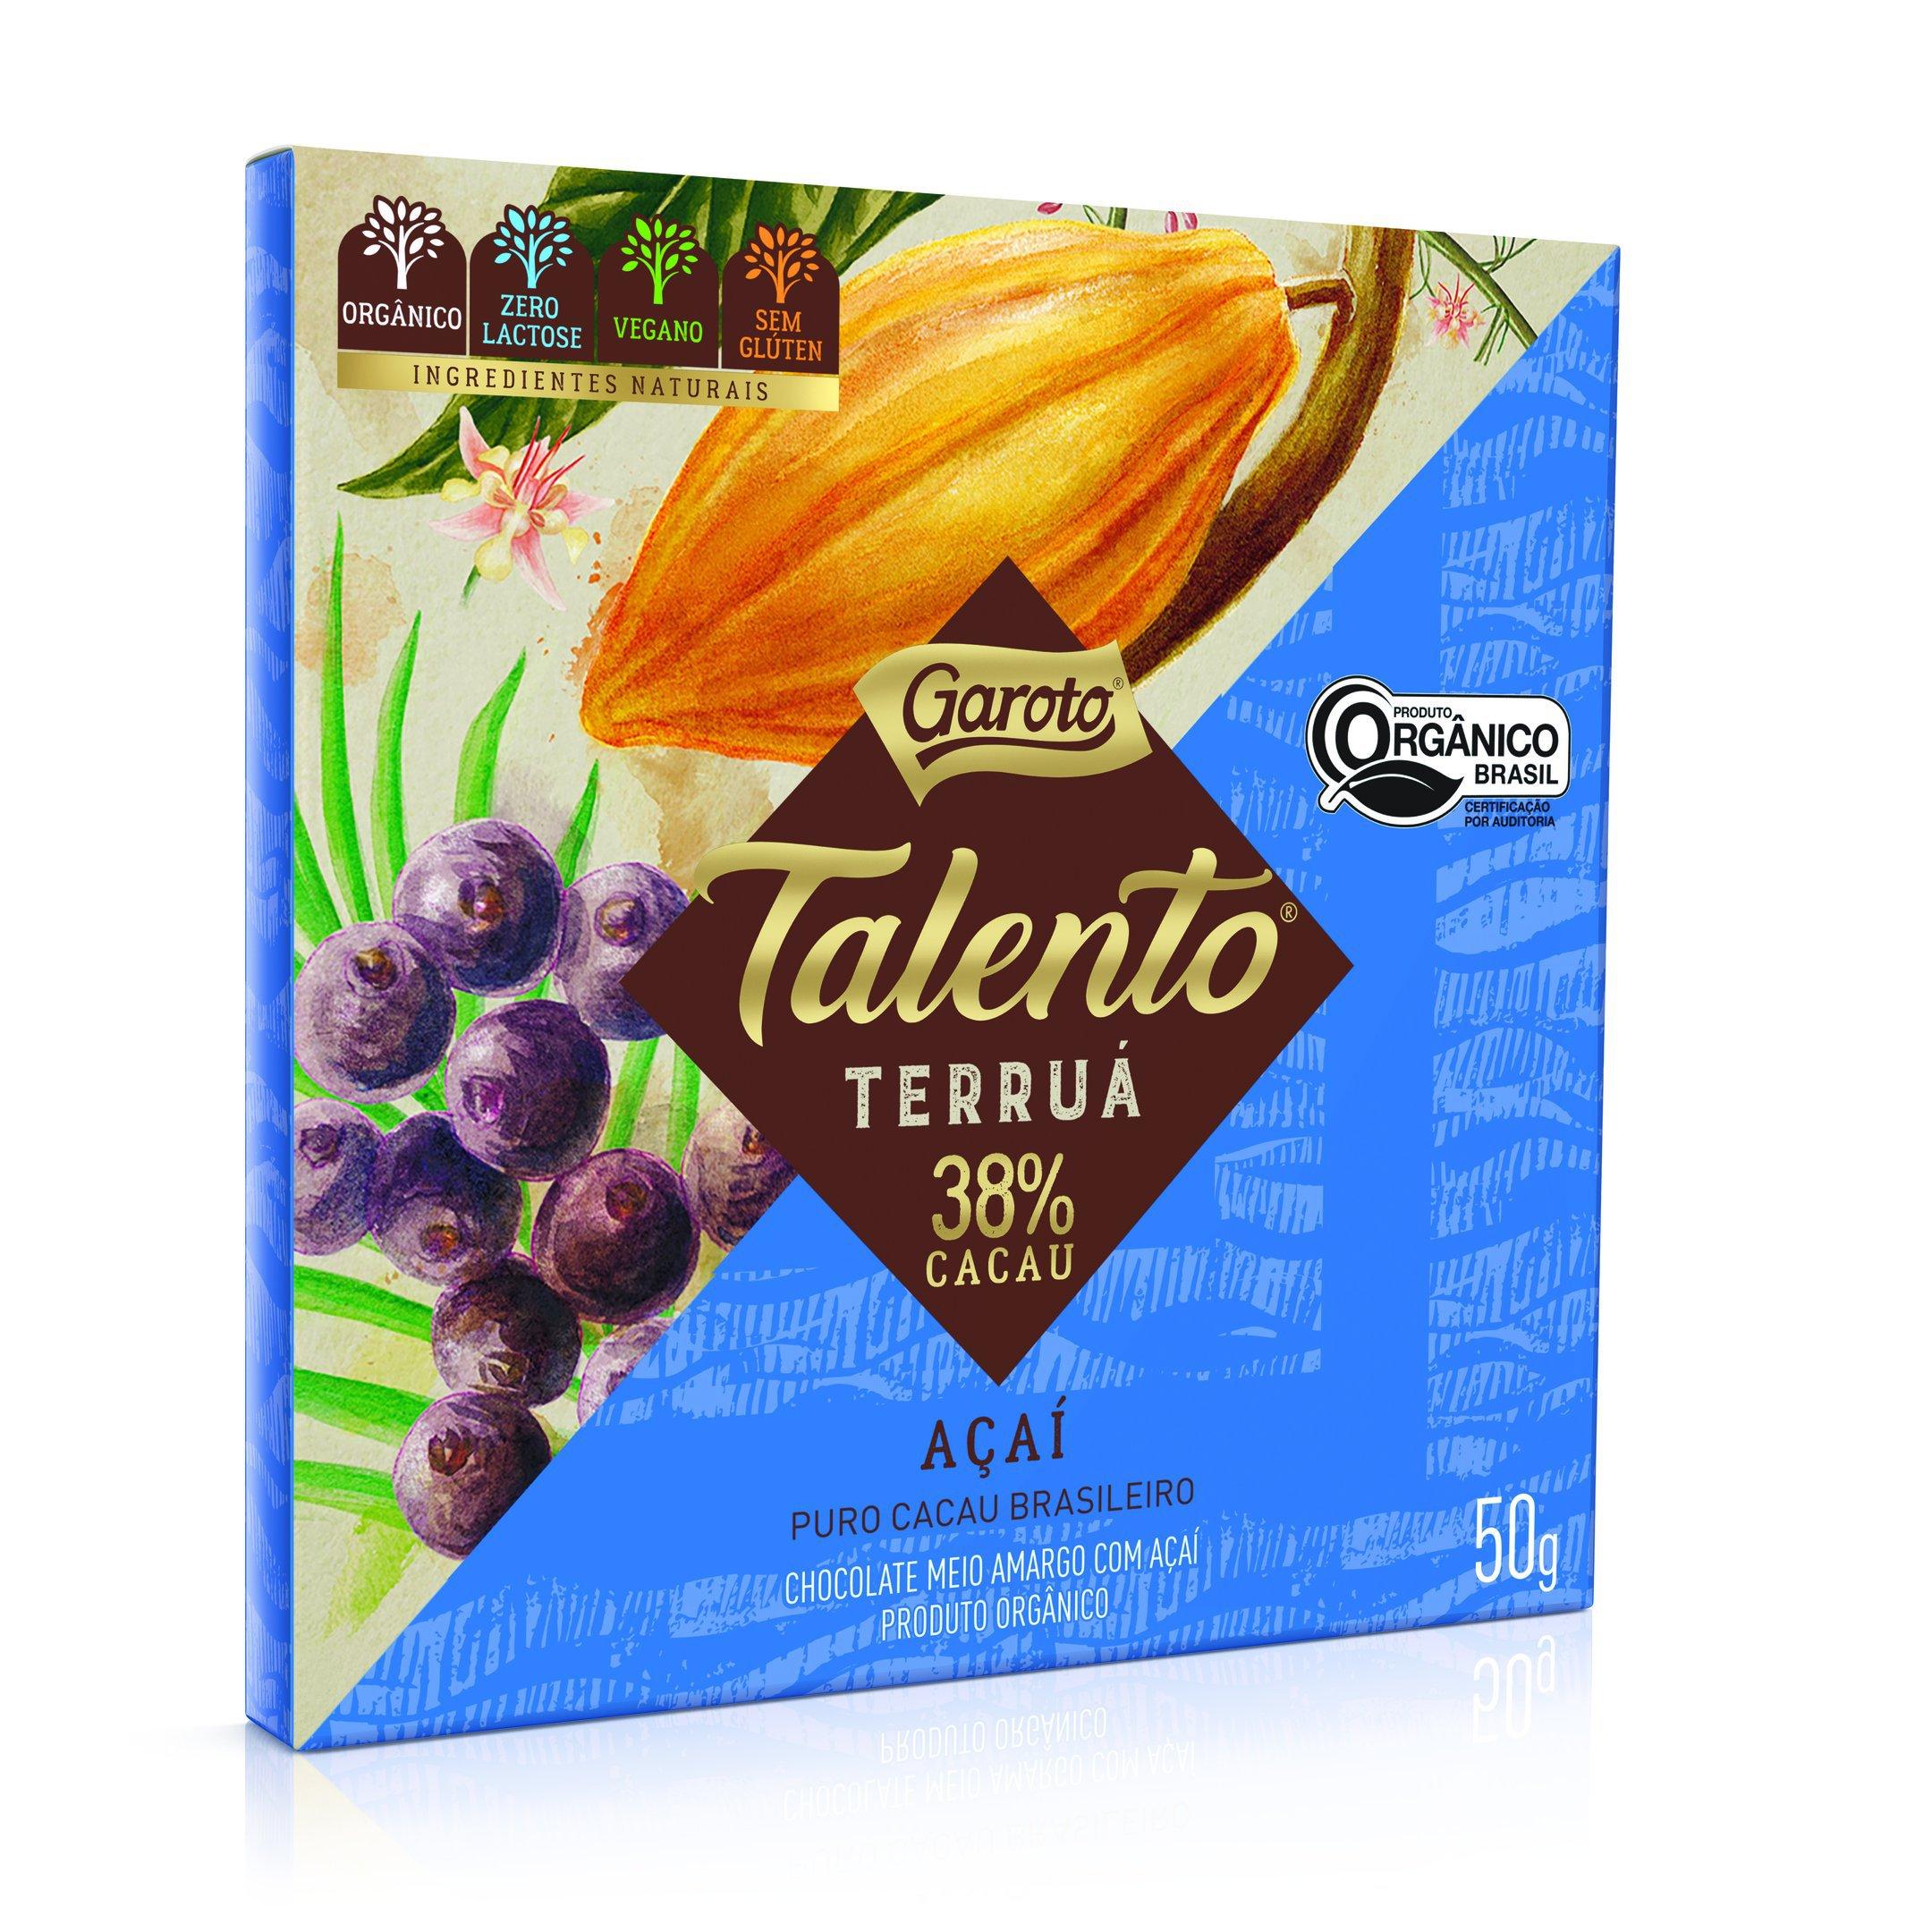 Lançamento da Garoto: Talento na versão chocolate orgânico